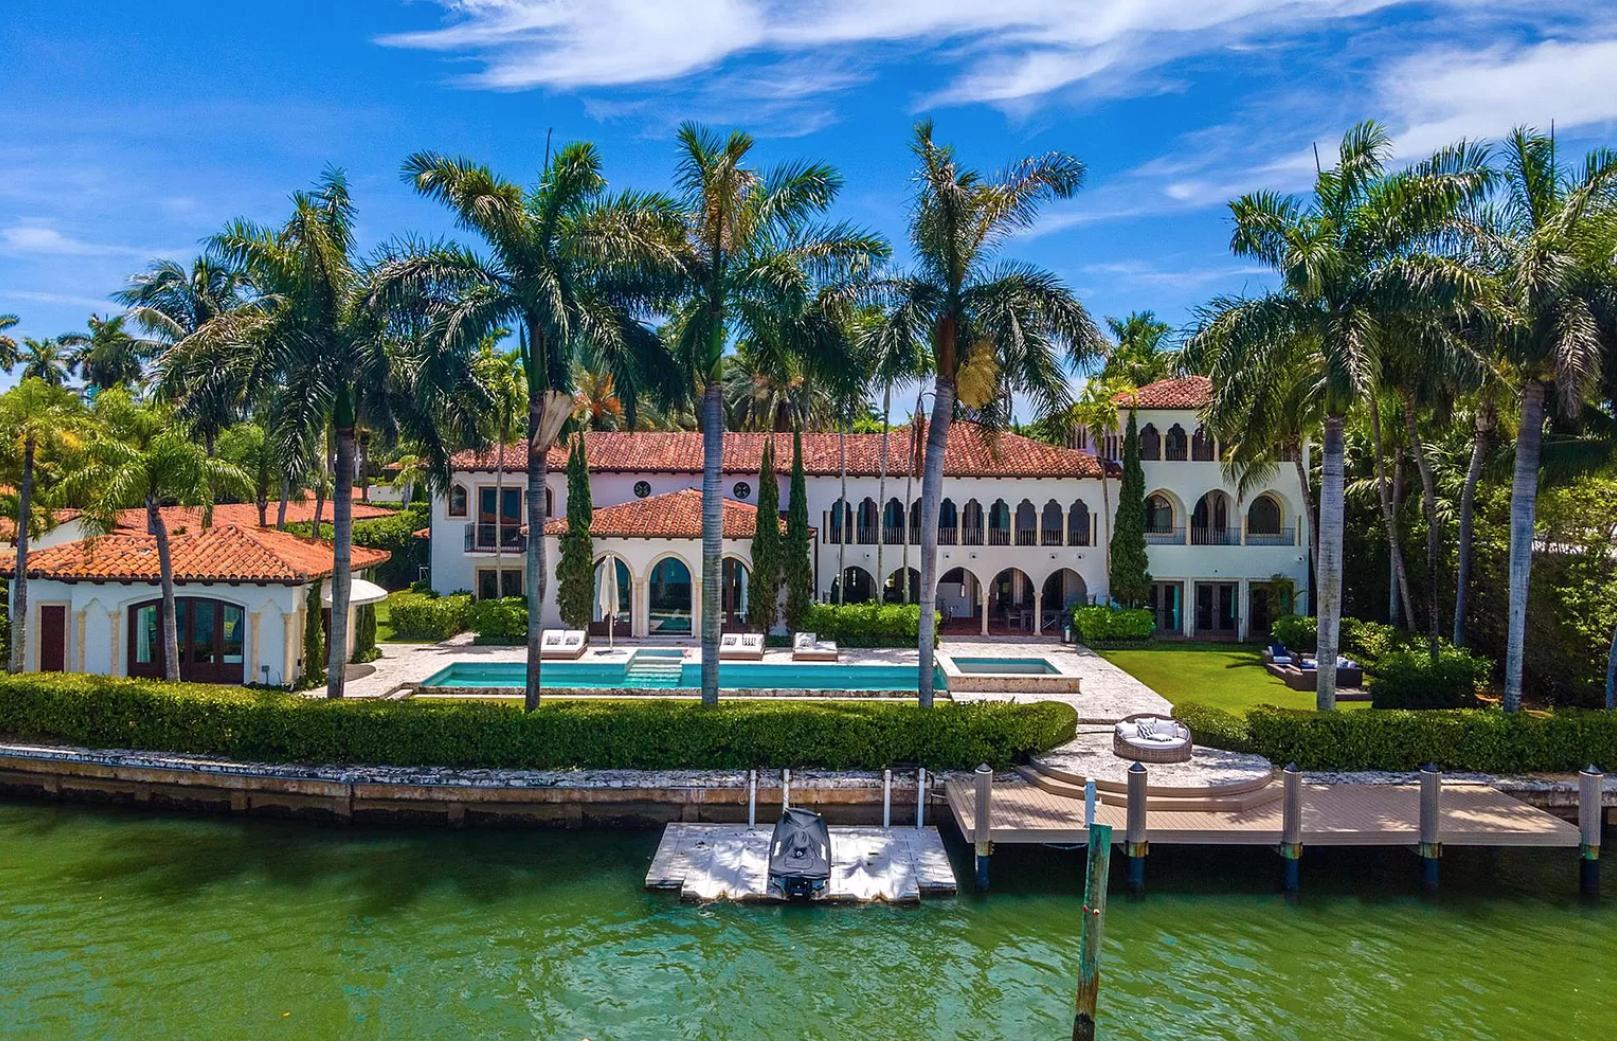 La mansión de 15.5 millones de dólares de Inés Gómez Mont y su esposo